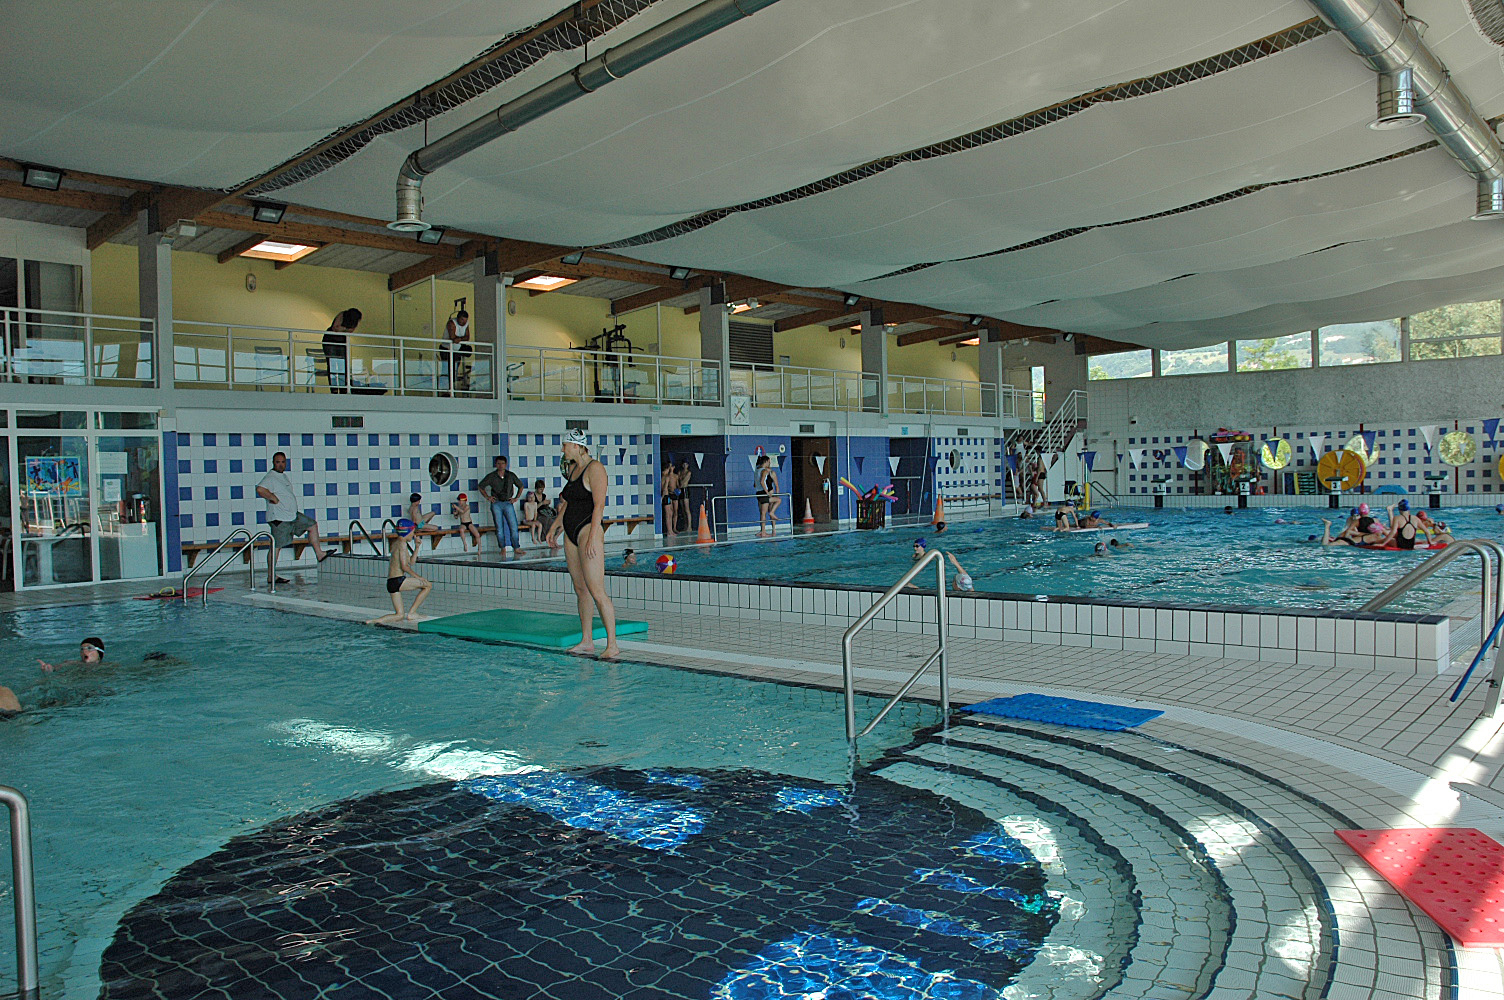 Centre Nautique À Crolles - Le Grésivaudan - Communauté De ... encequiconcerne Piscine Bailly Romainvillier